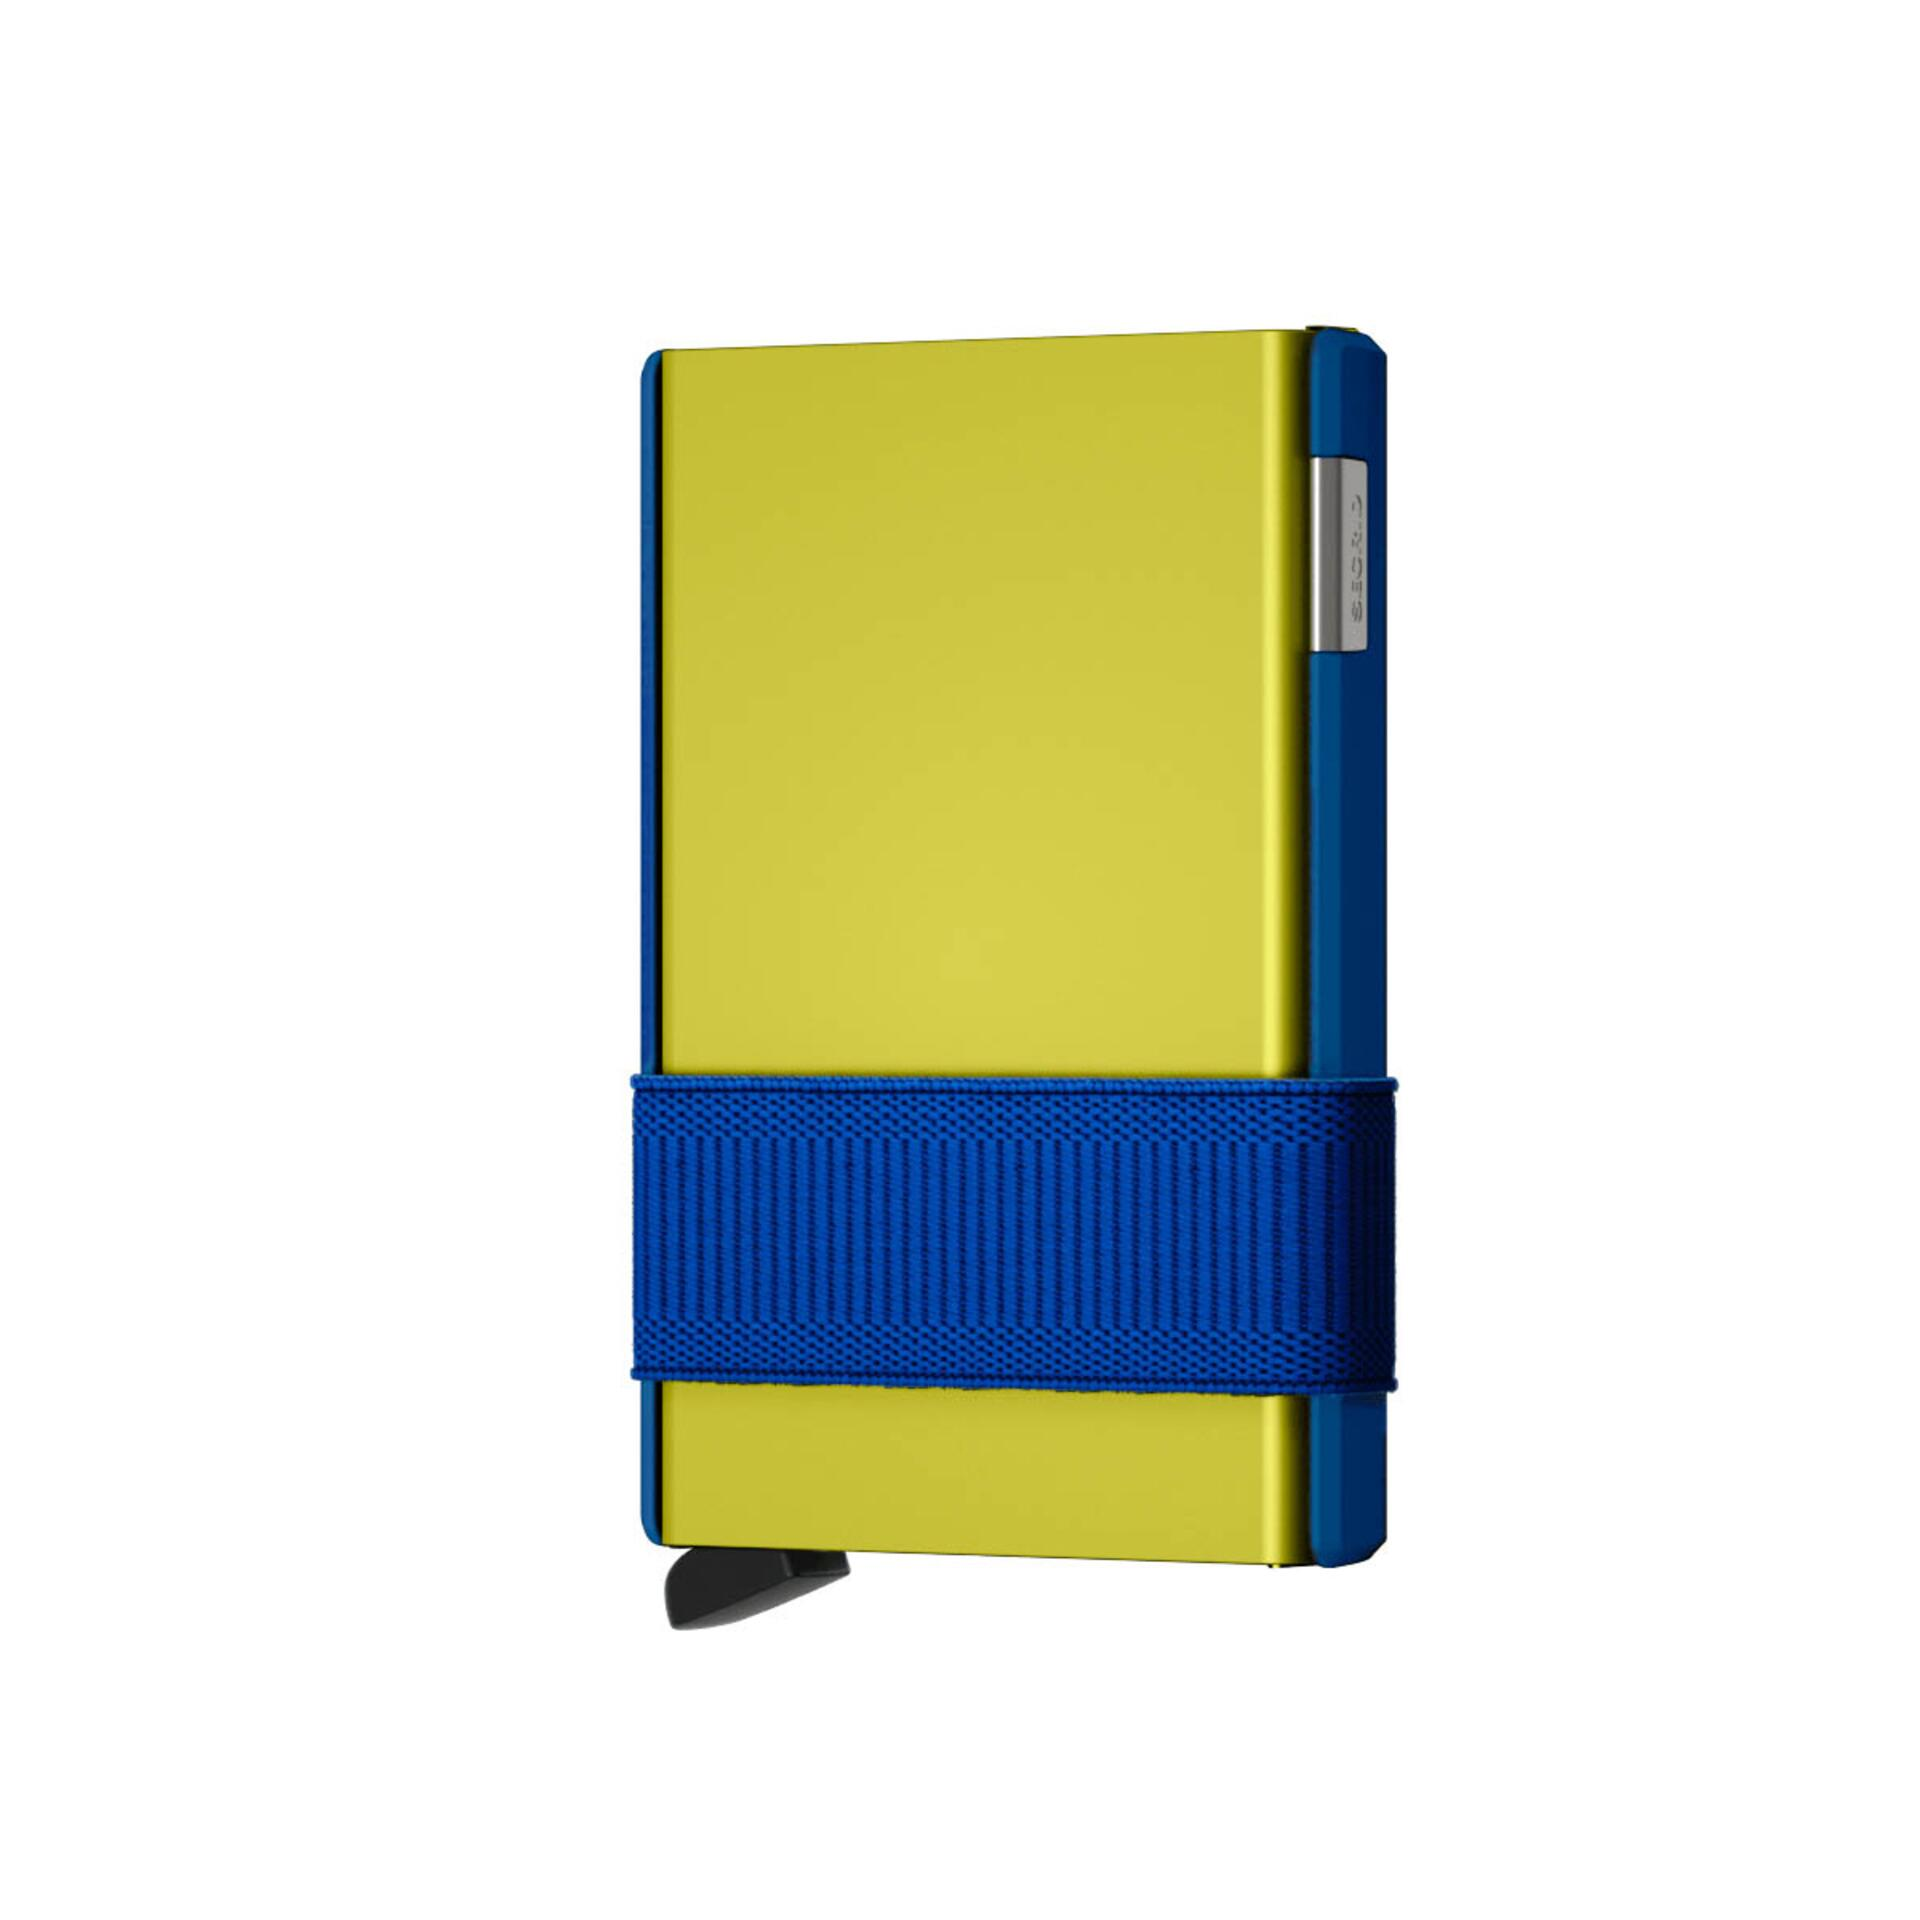 Secrid Cardslide Electrolime